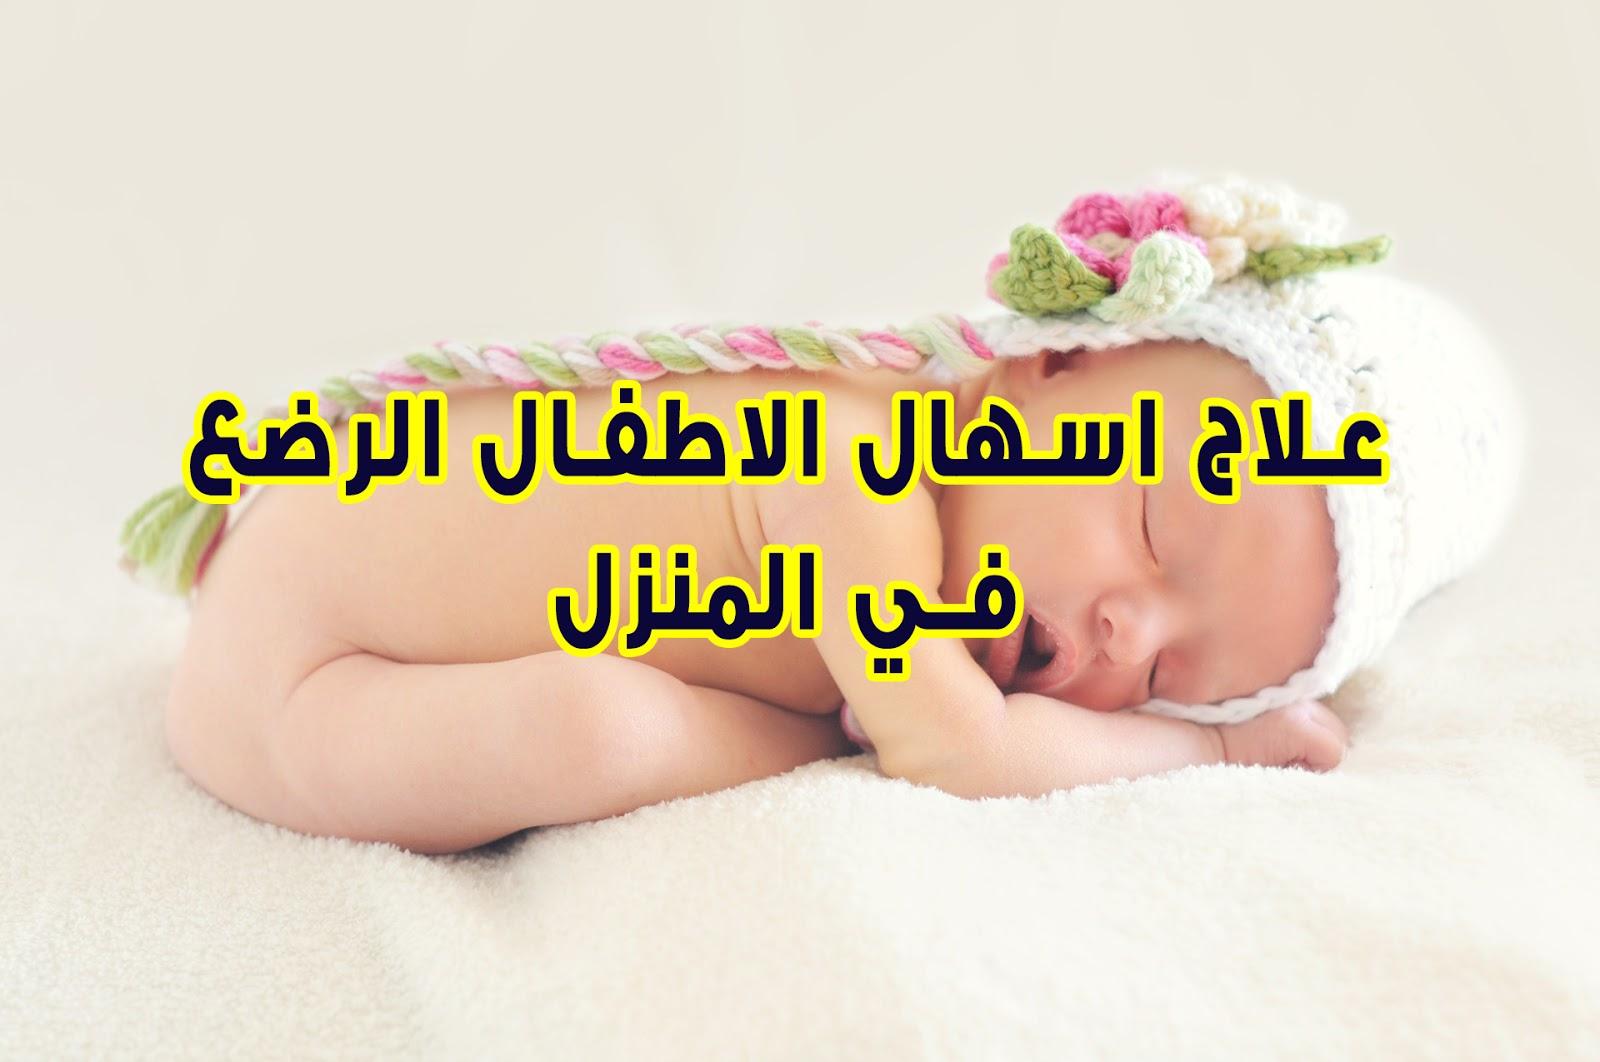 علاج الاسهال عند الاطفال ست شهور | الإسهال عند الأطفال والرضع